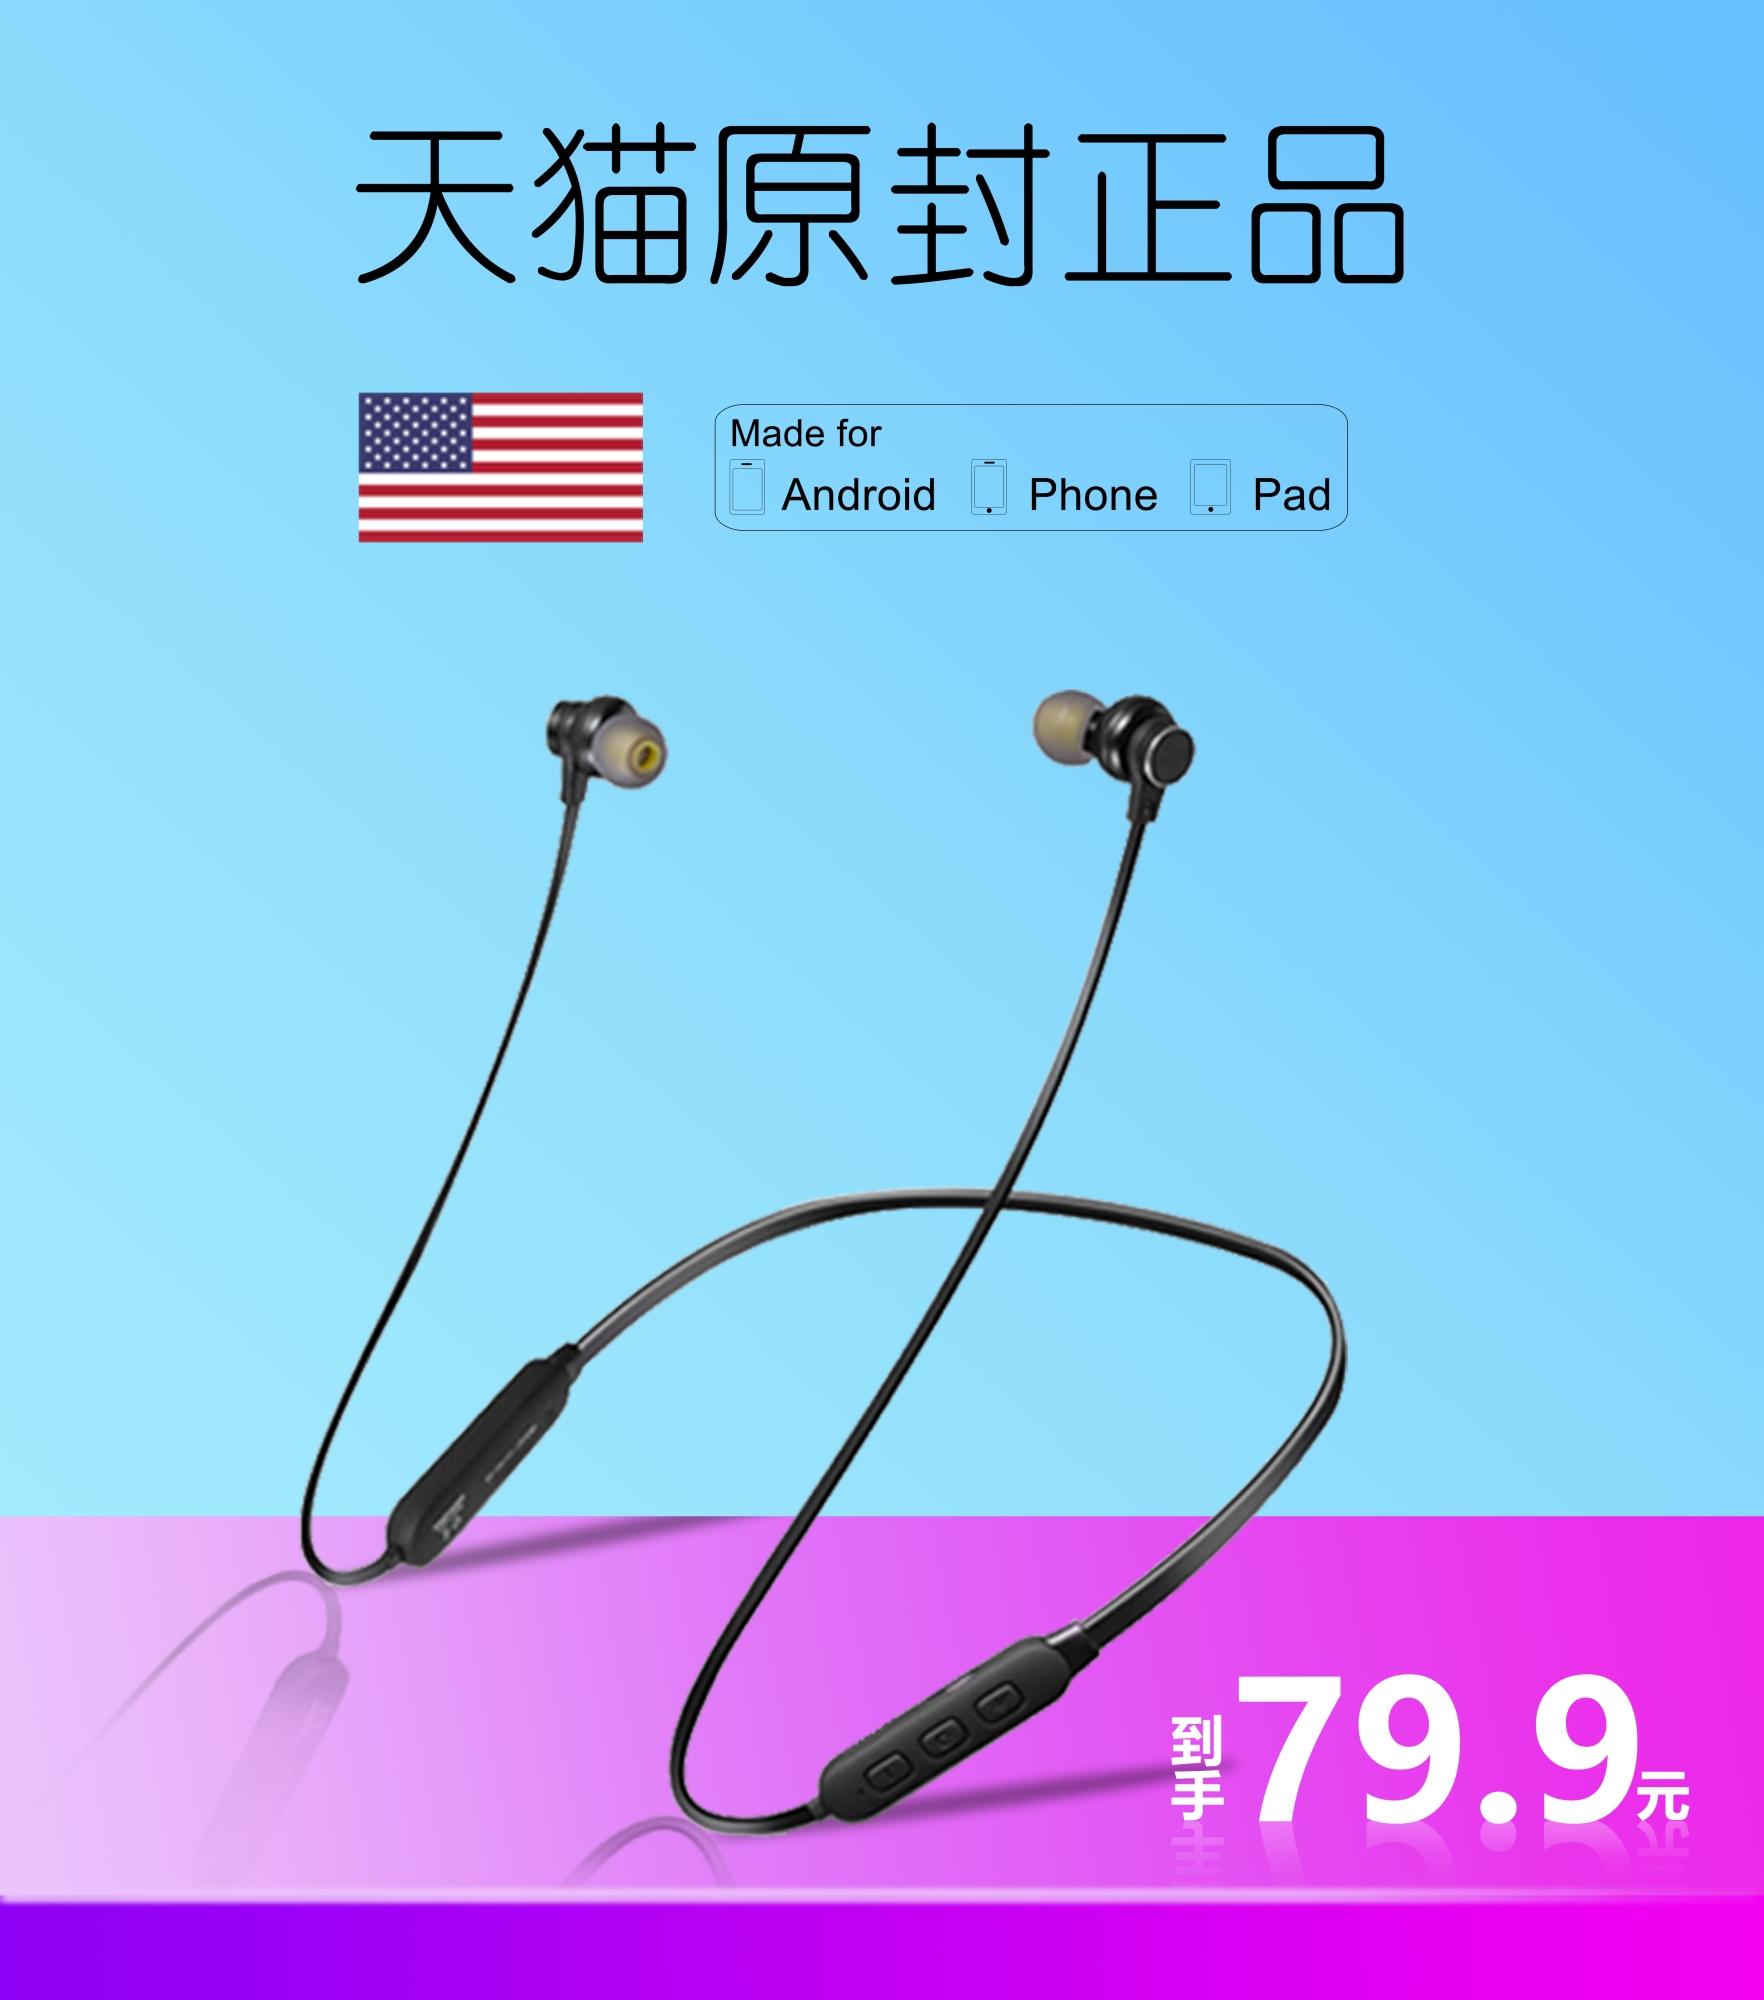 满99元可用20元优惠券VIVOZ5x颈挂式无线蓝牙耳机vivi通用型vio运动跑步vi重低音vo耳塞